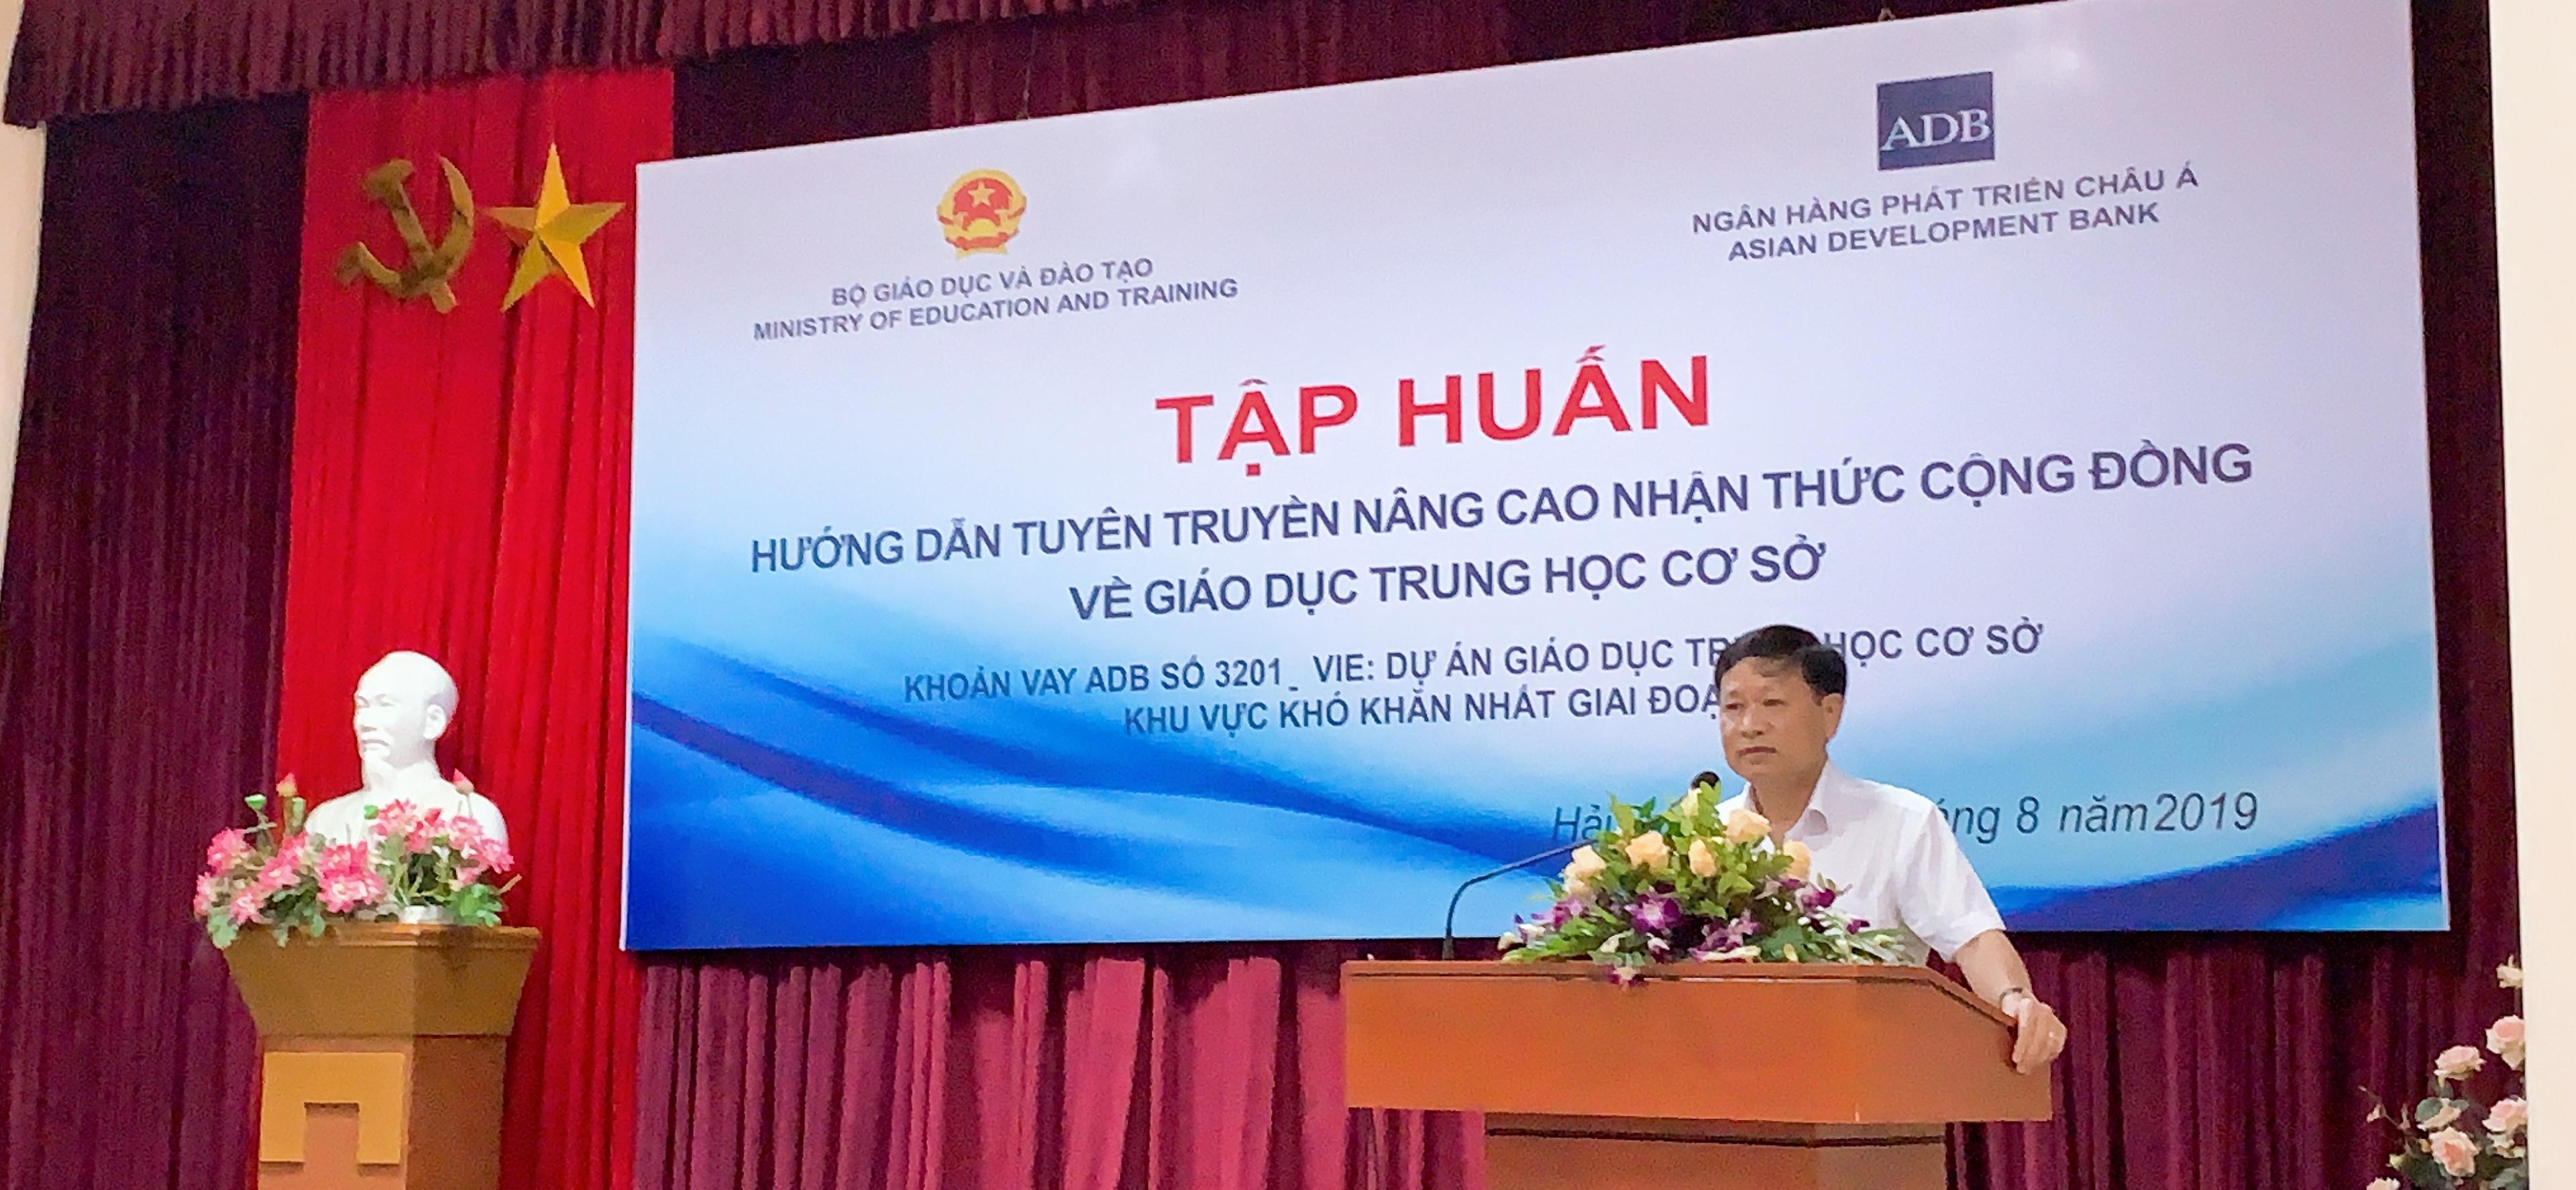 Tập huấn Hướng dẫn tuyên truyền nâng cao nhận thức cộng đồng về giáo dục THCS - 8/2019 - Đồ Sơn, Hải Phòng